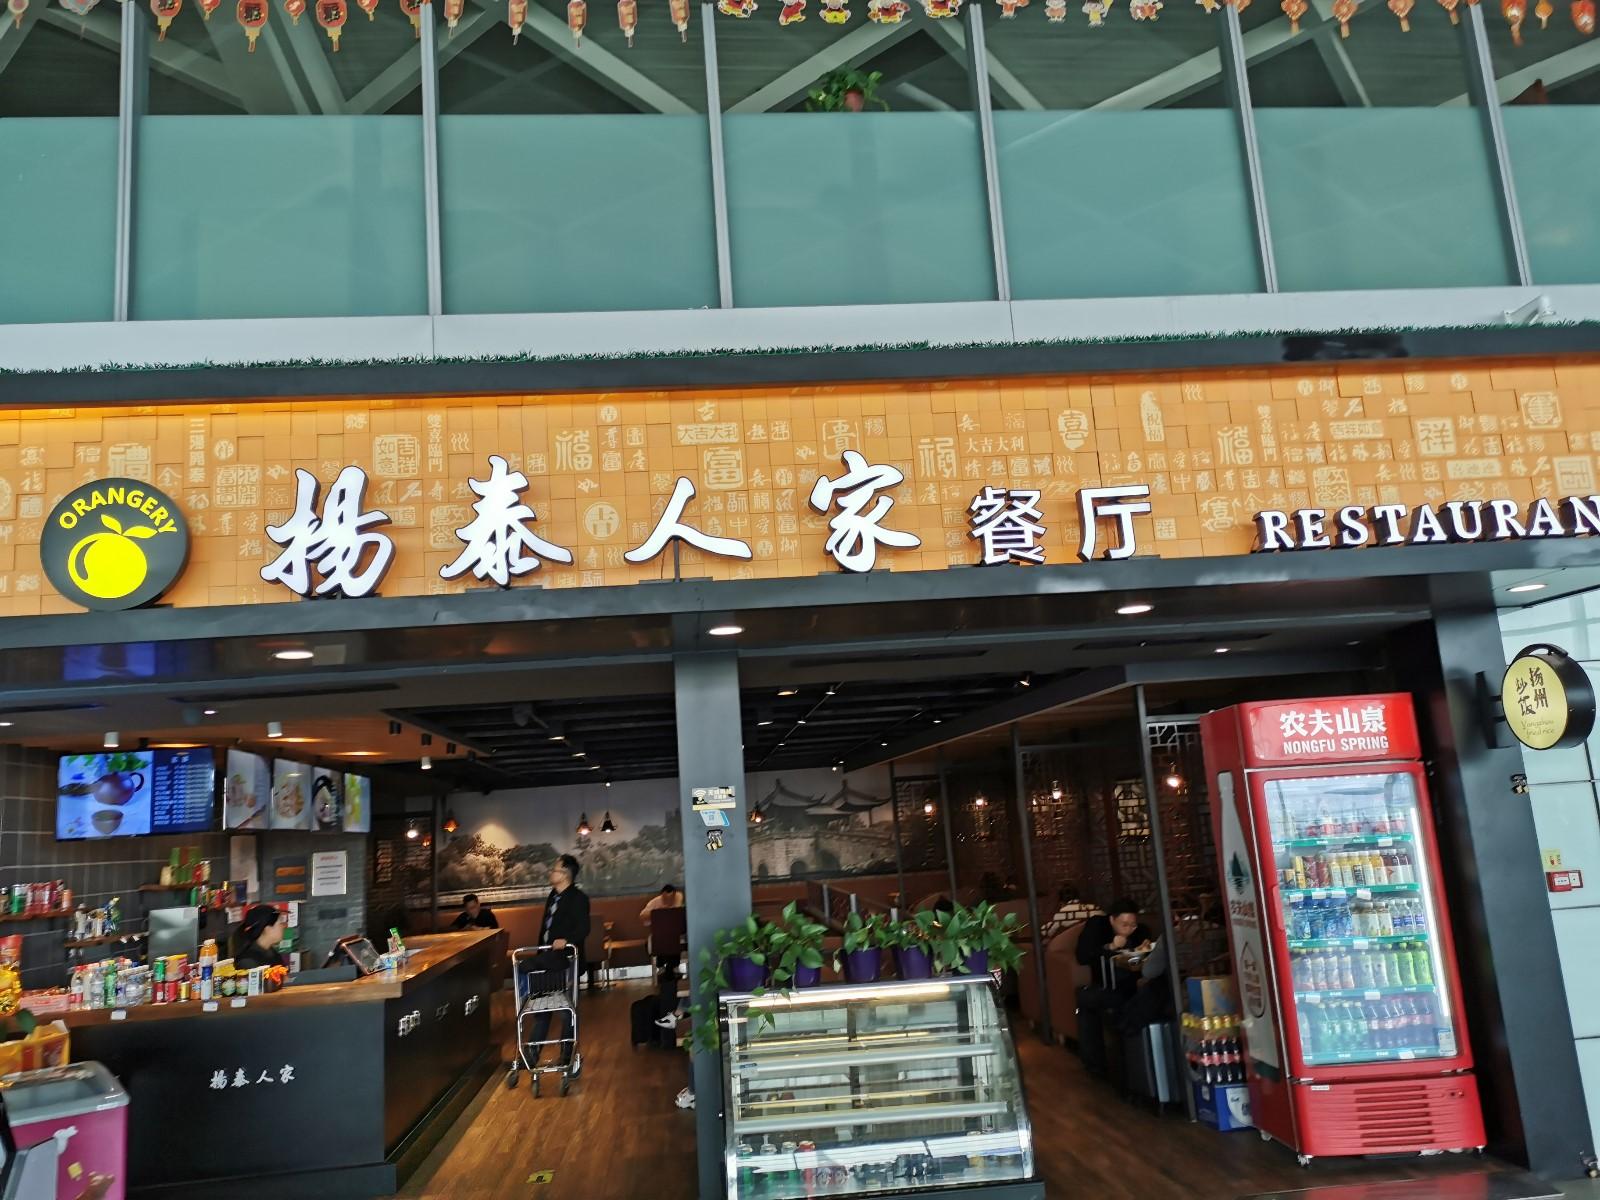 配资365之家_扬州机场某饭店的奇葩规定